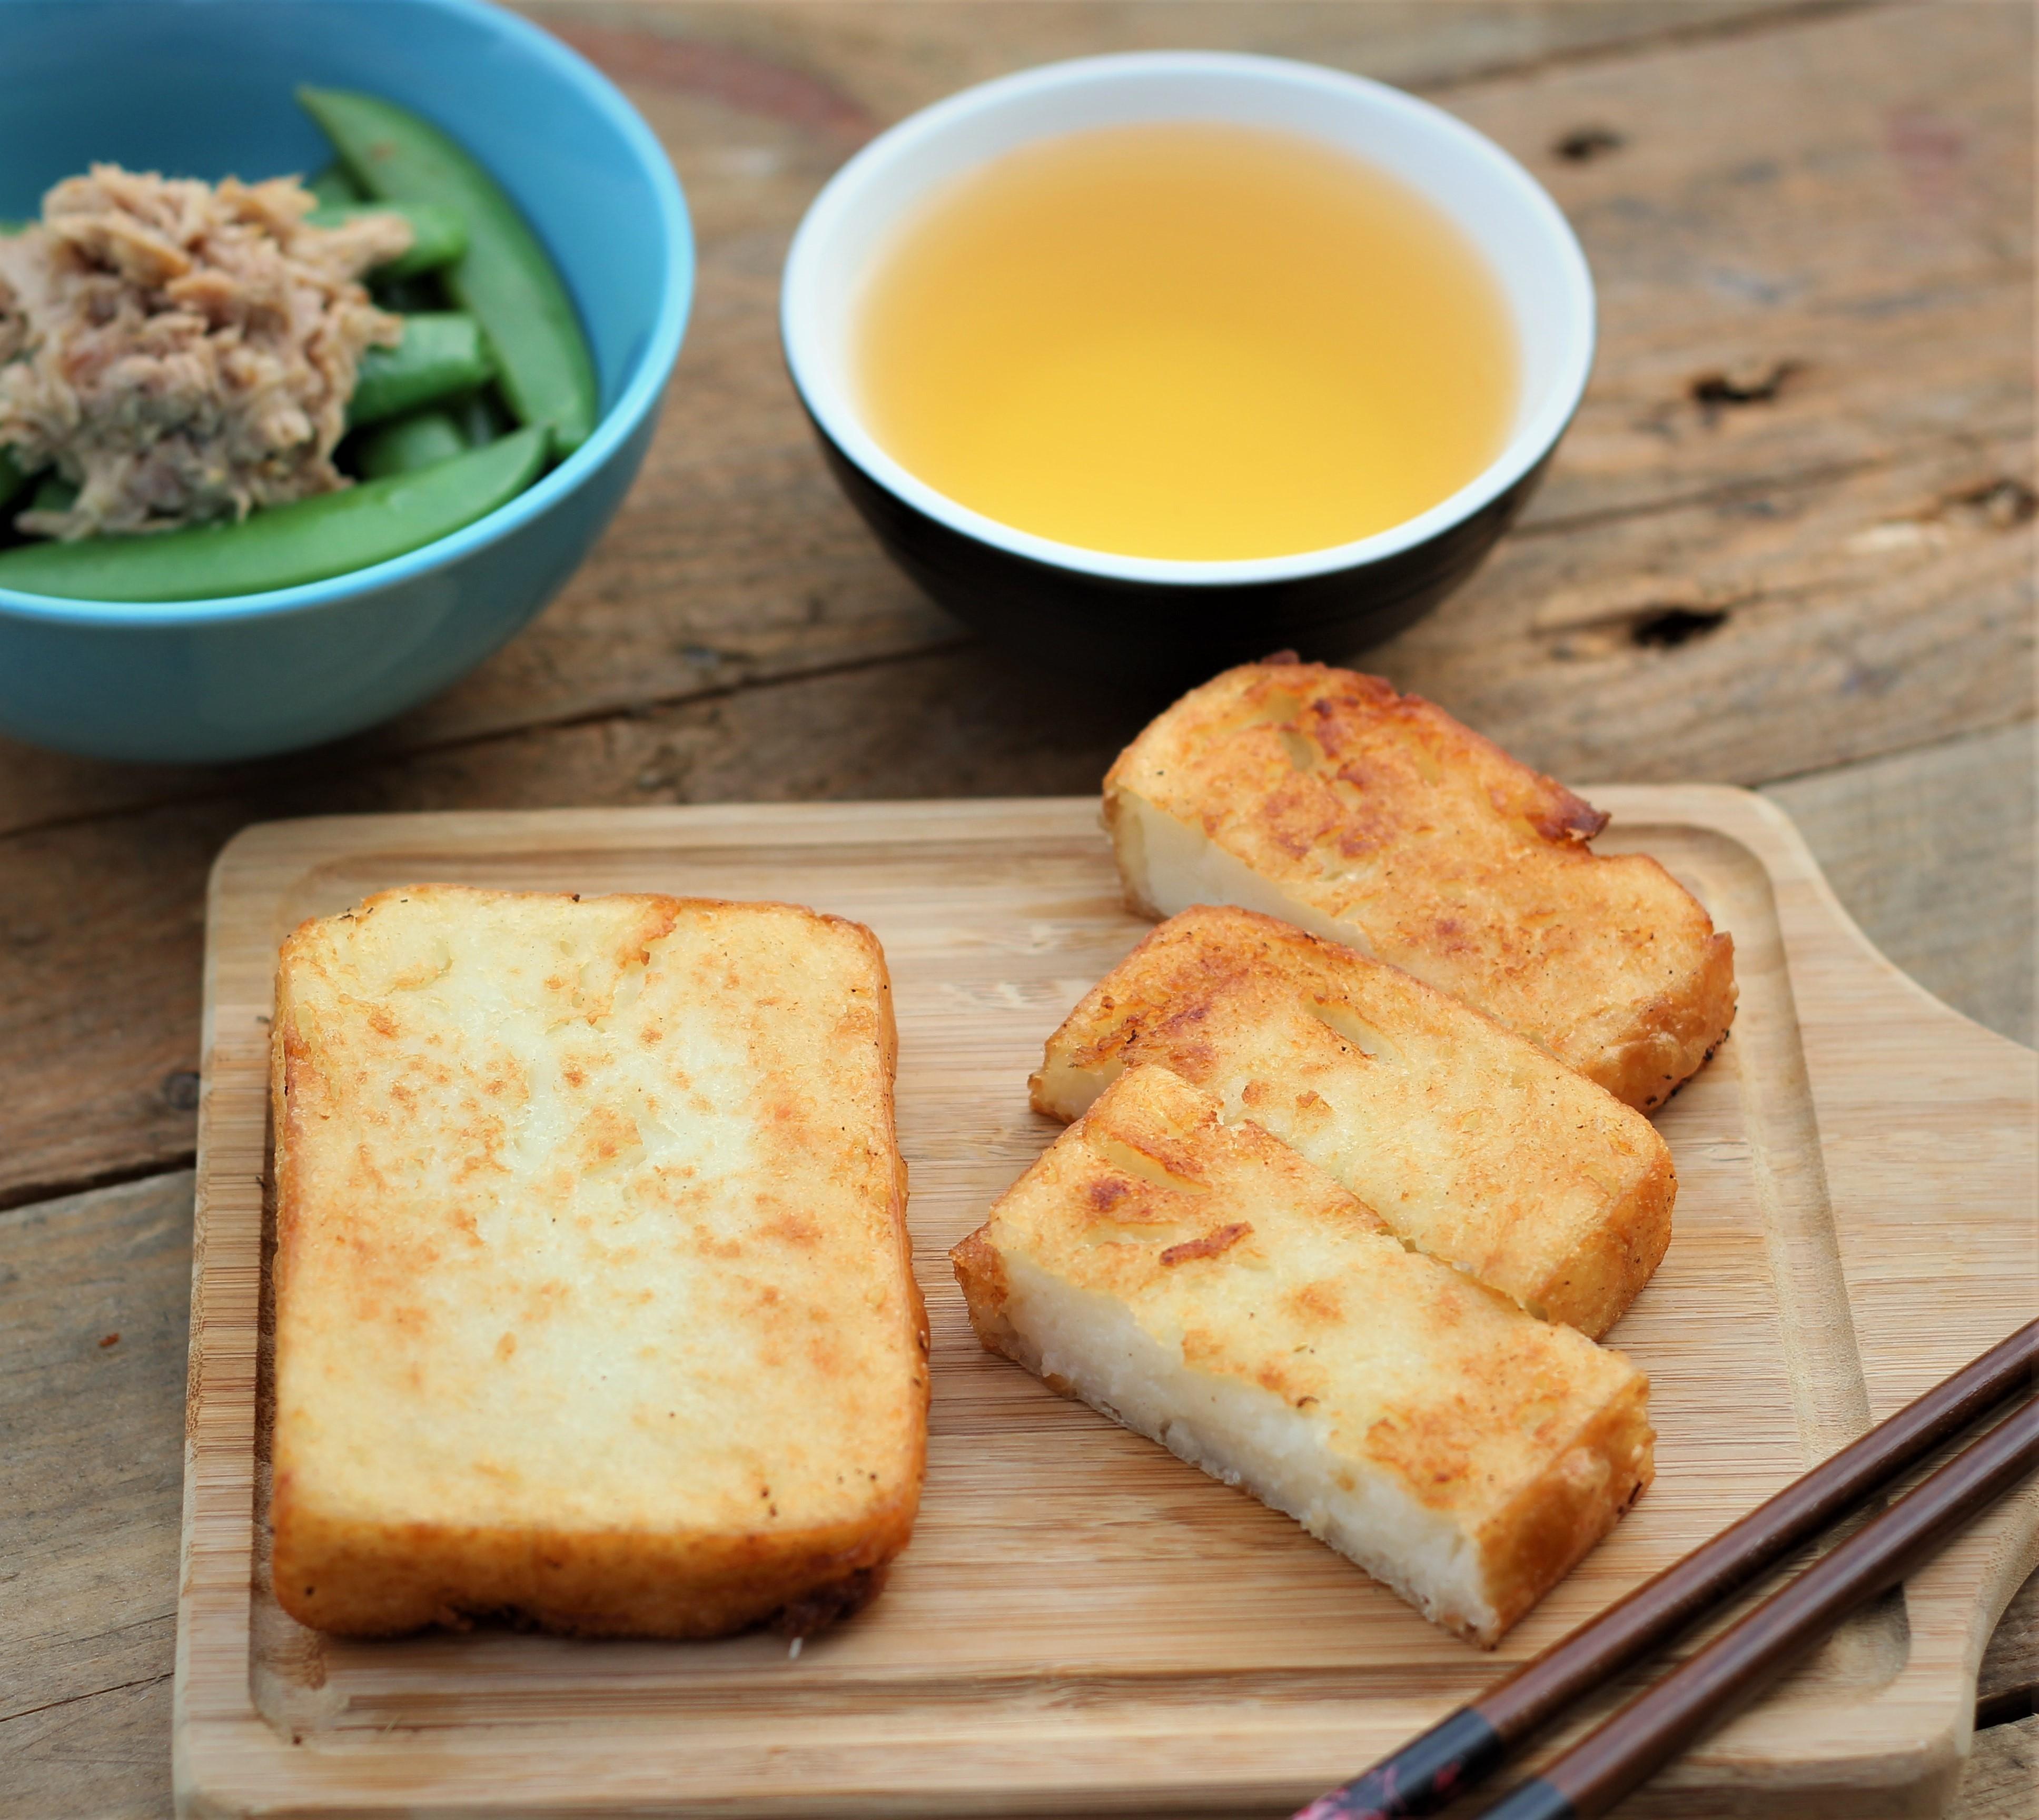 【華村食品】廣興做粿 純米食白玉蘿蔔糕 600g*12入